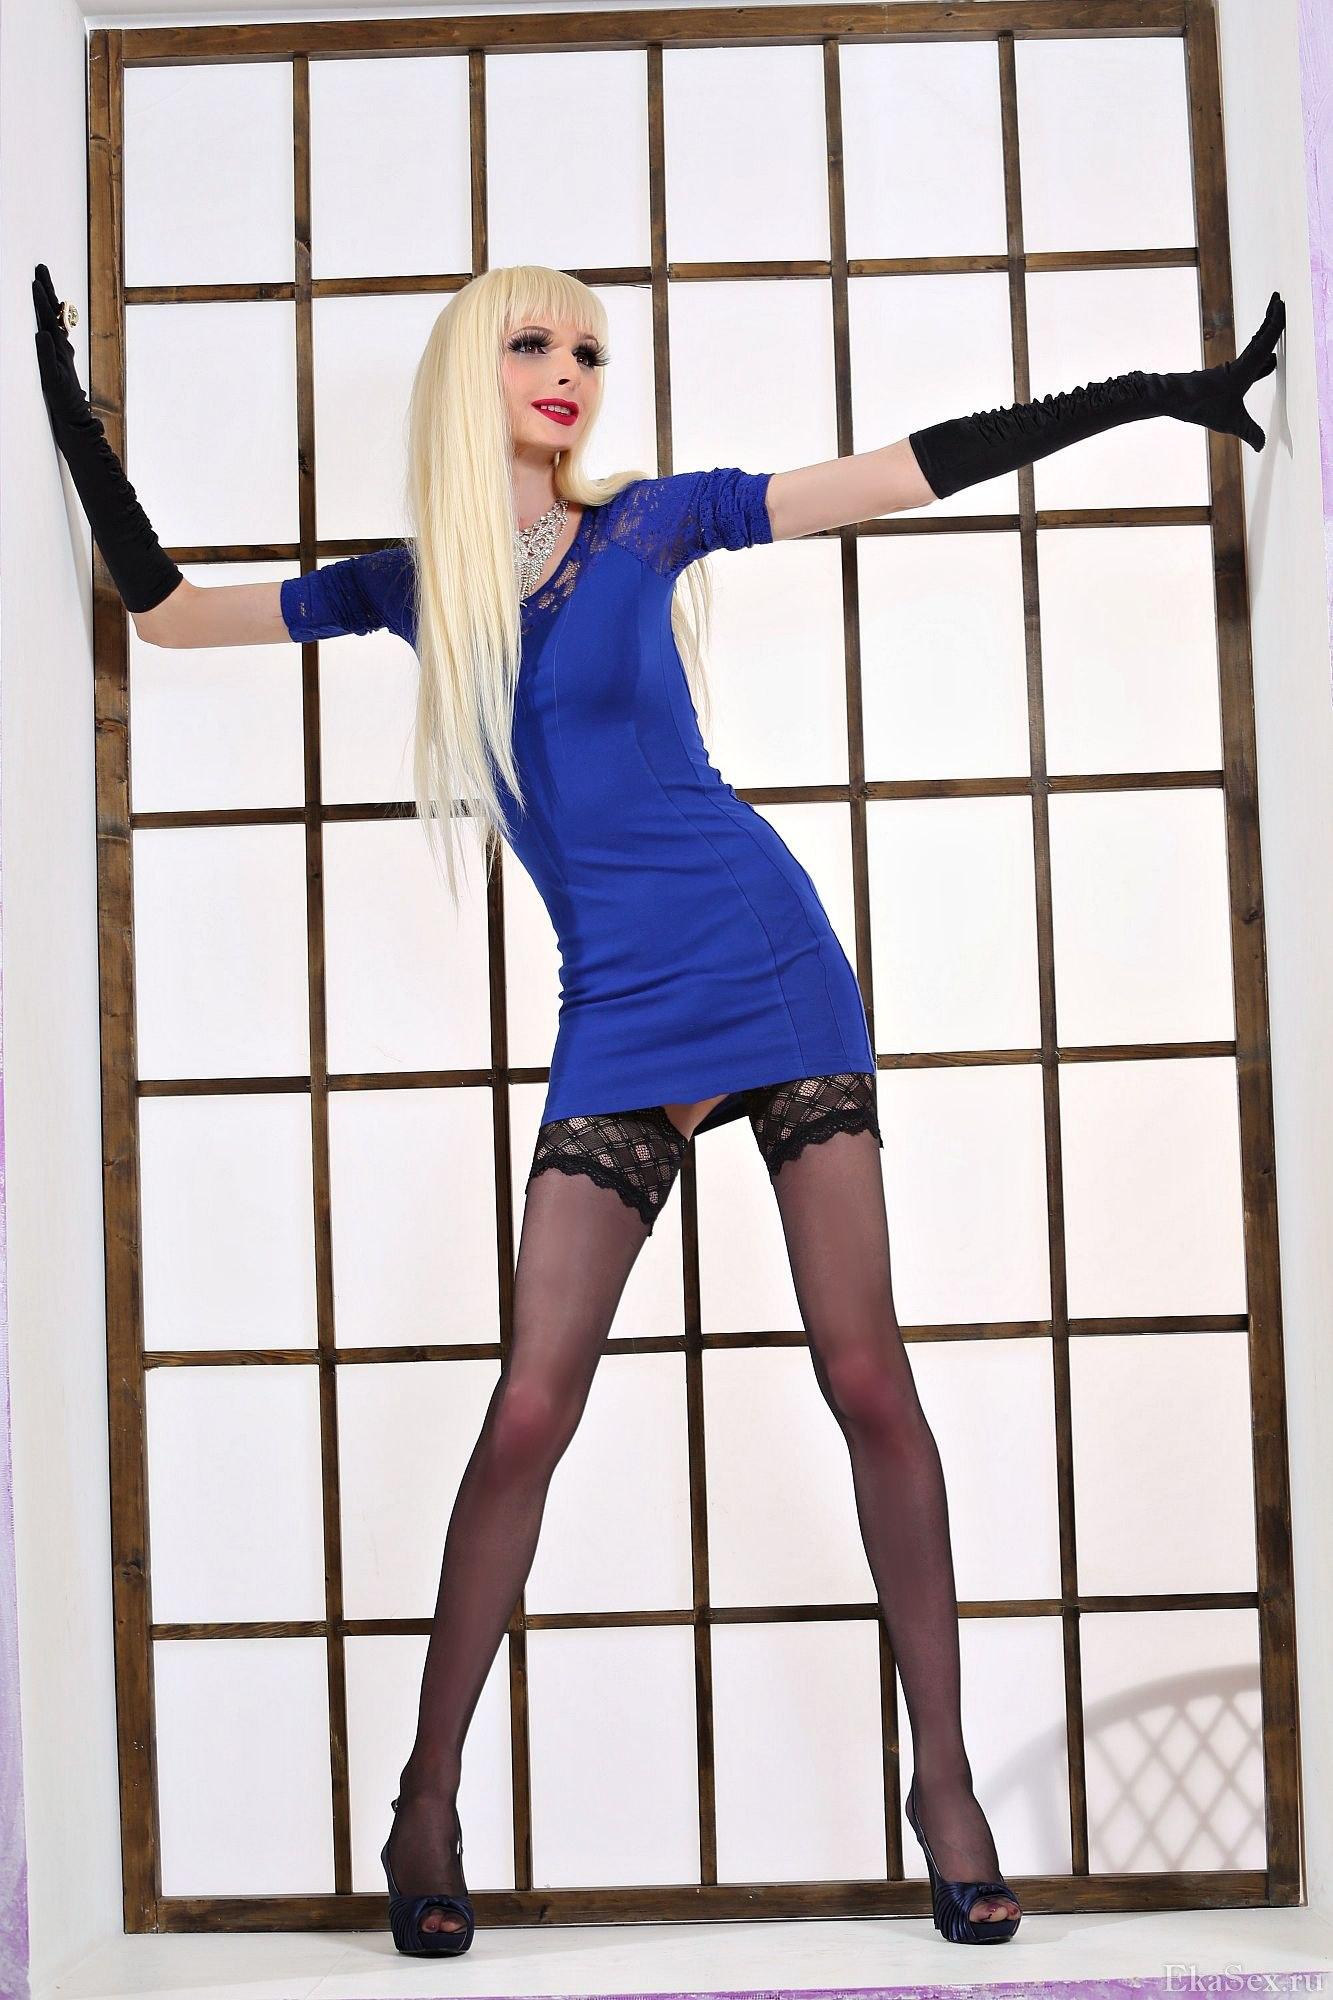 фото проститутки Транс-леди Майя из города Екатеринбург